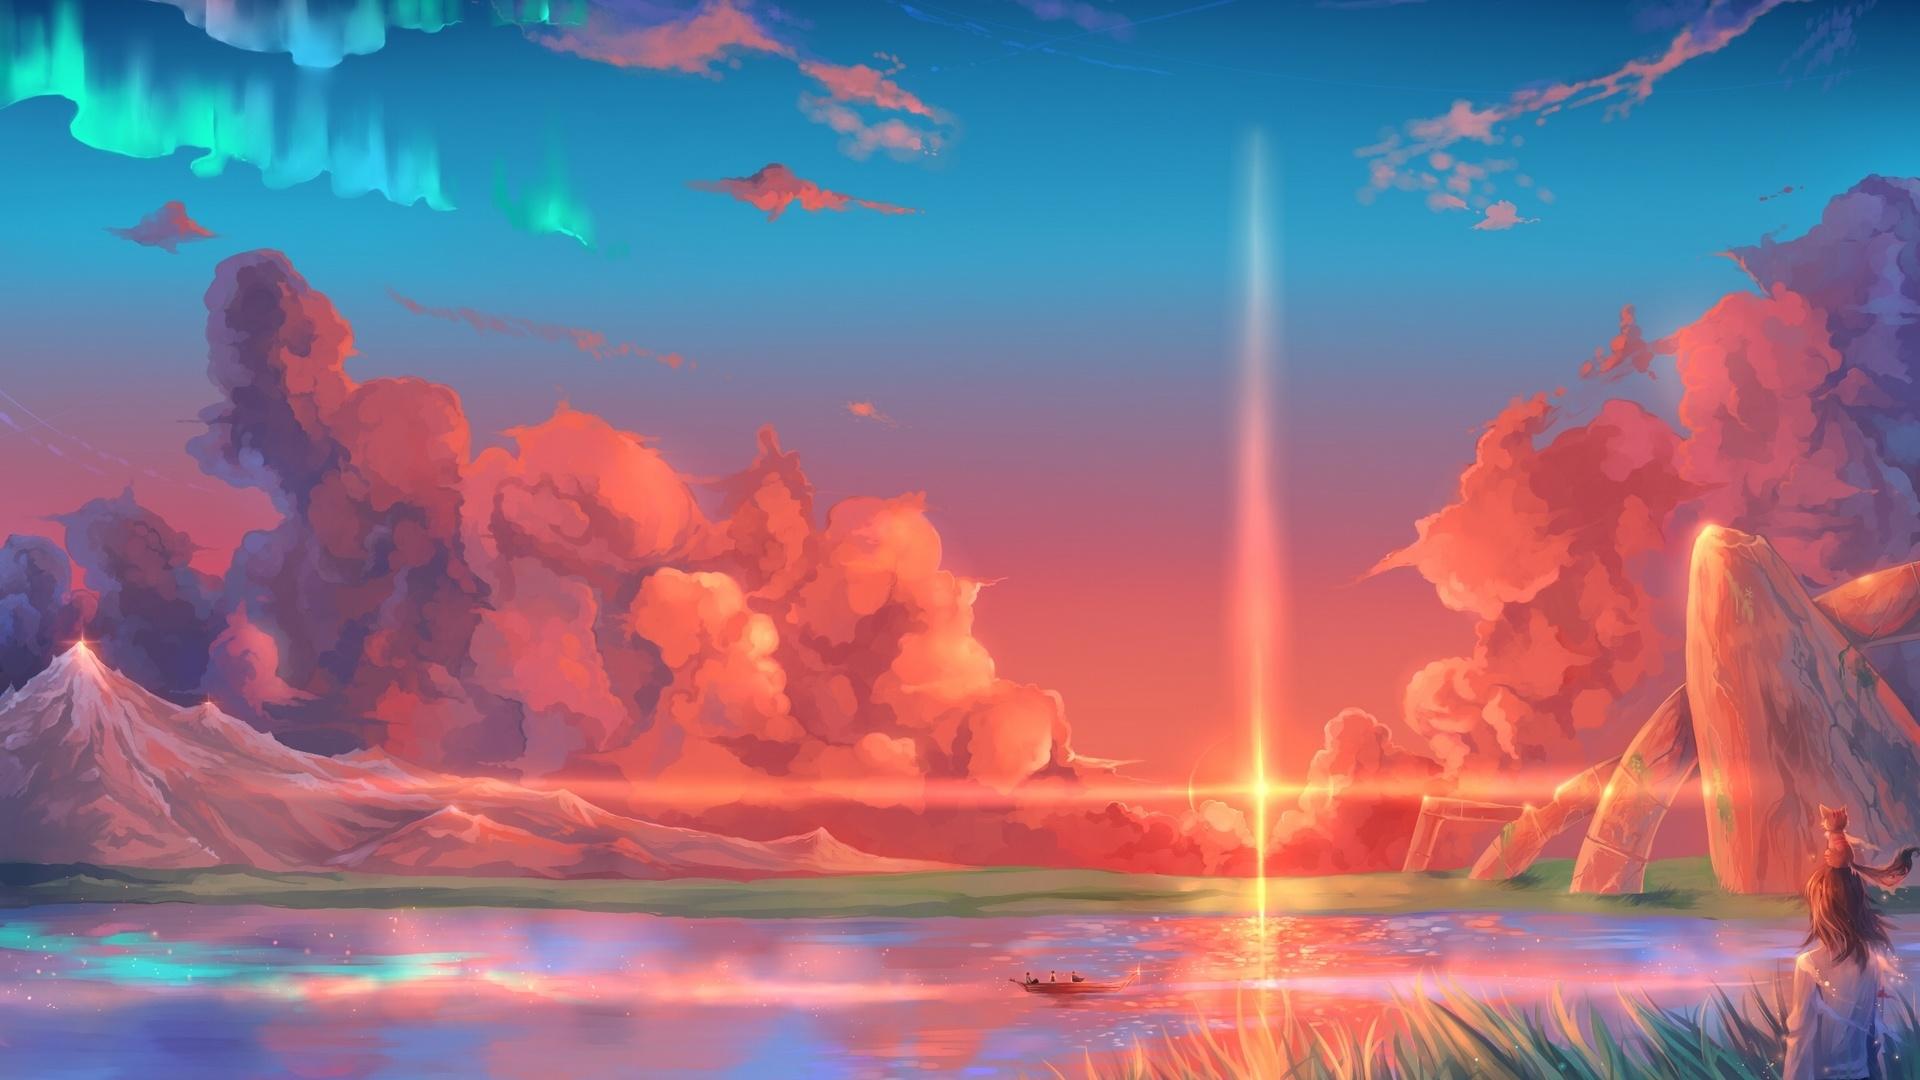 Paradise Art Background